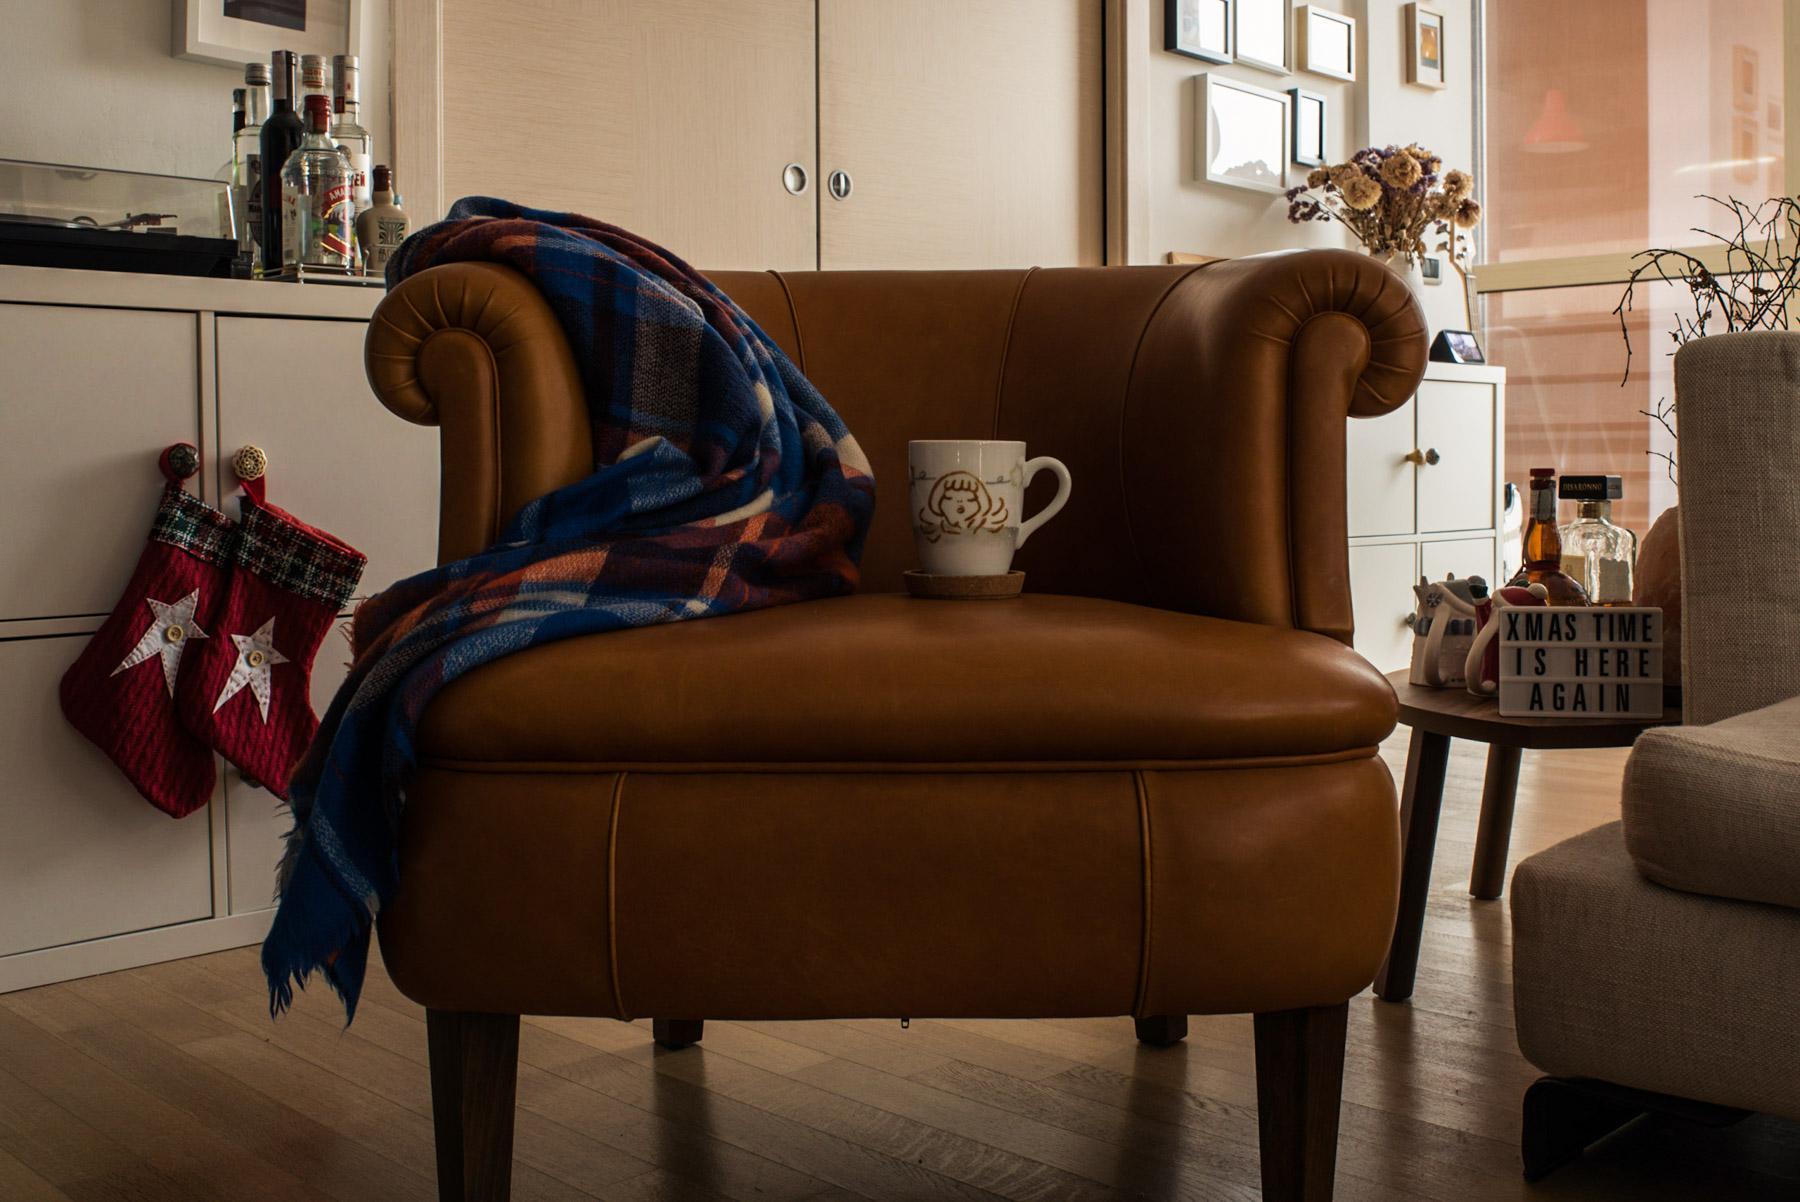 A sofa, a blanket and a mug during Christmas